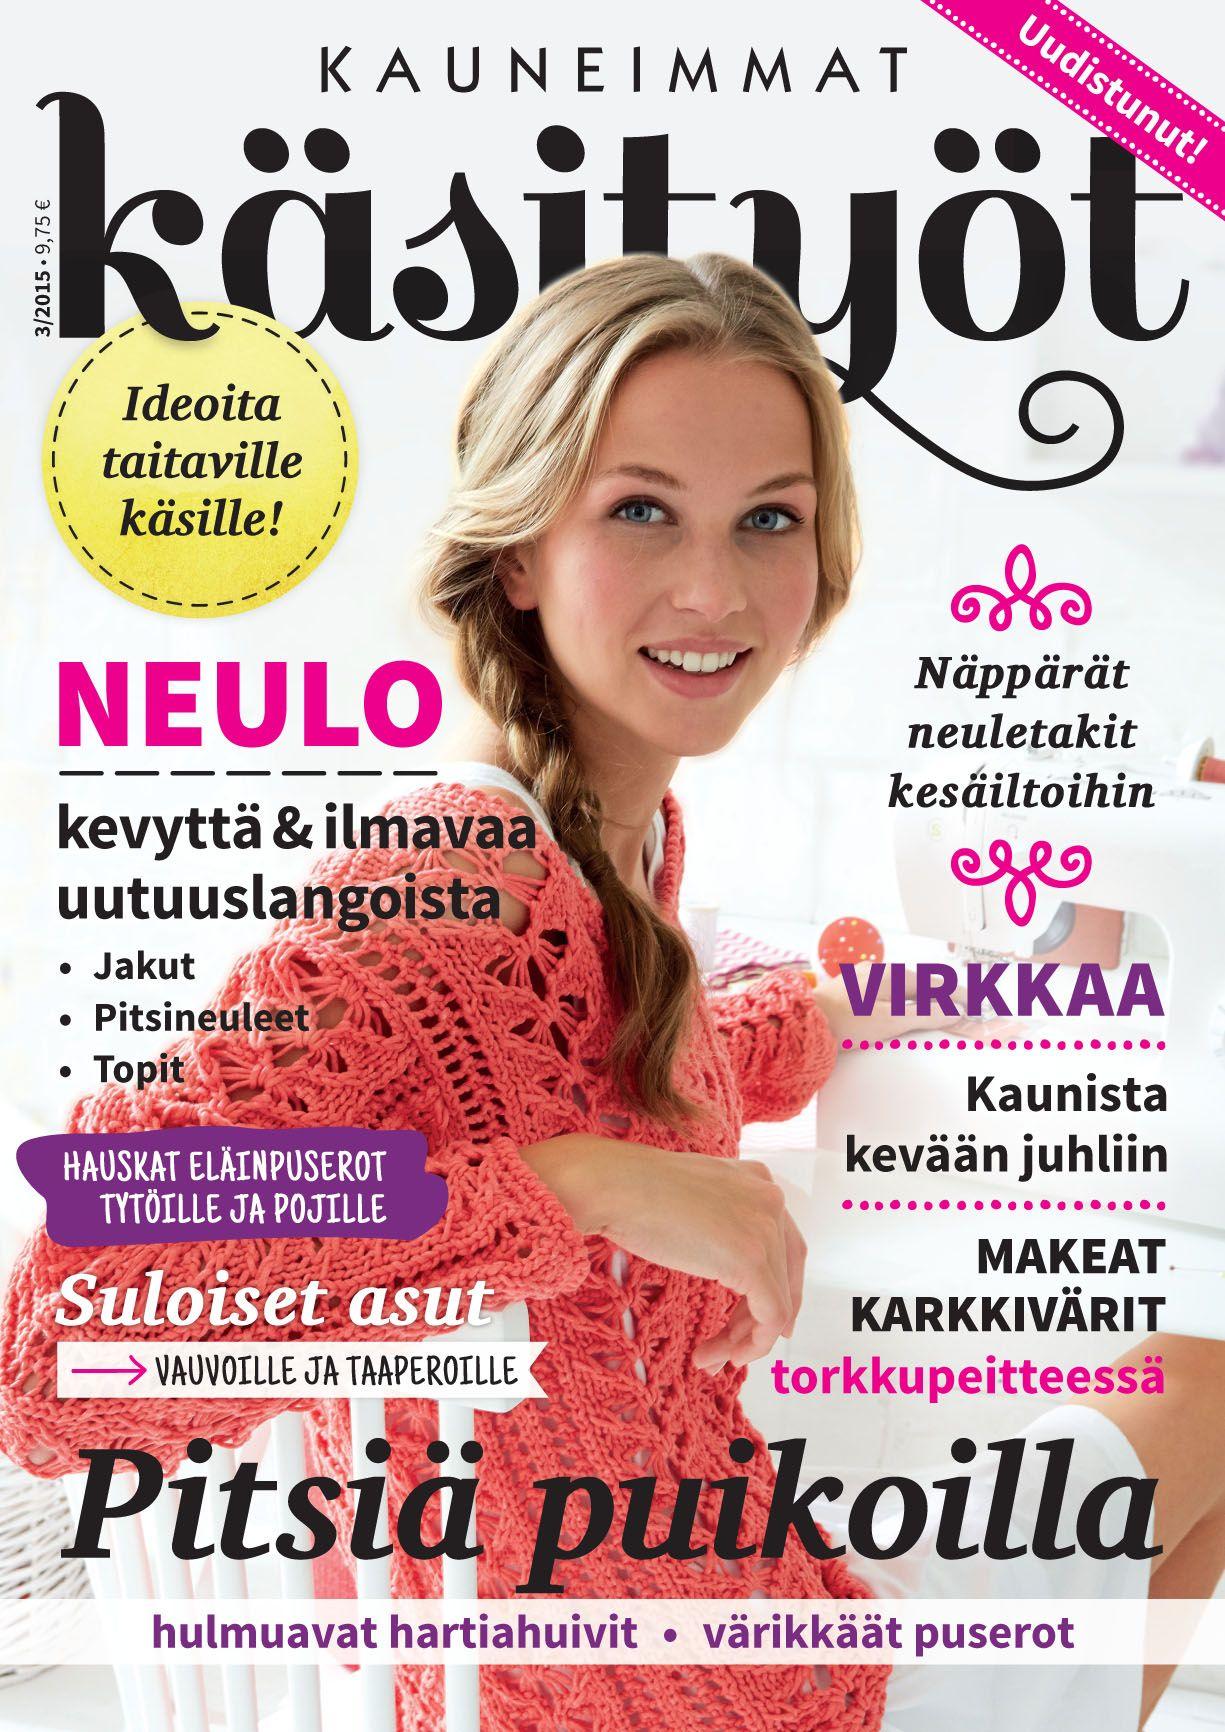 Ensi viikolla eli pääsiäislukemiseksi ilmestyy Kauneimmat Käsityöt 3/15! #käsityöt #lehti #kevätneule #pitsiliina